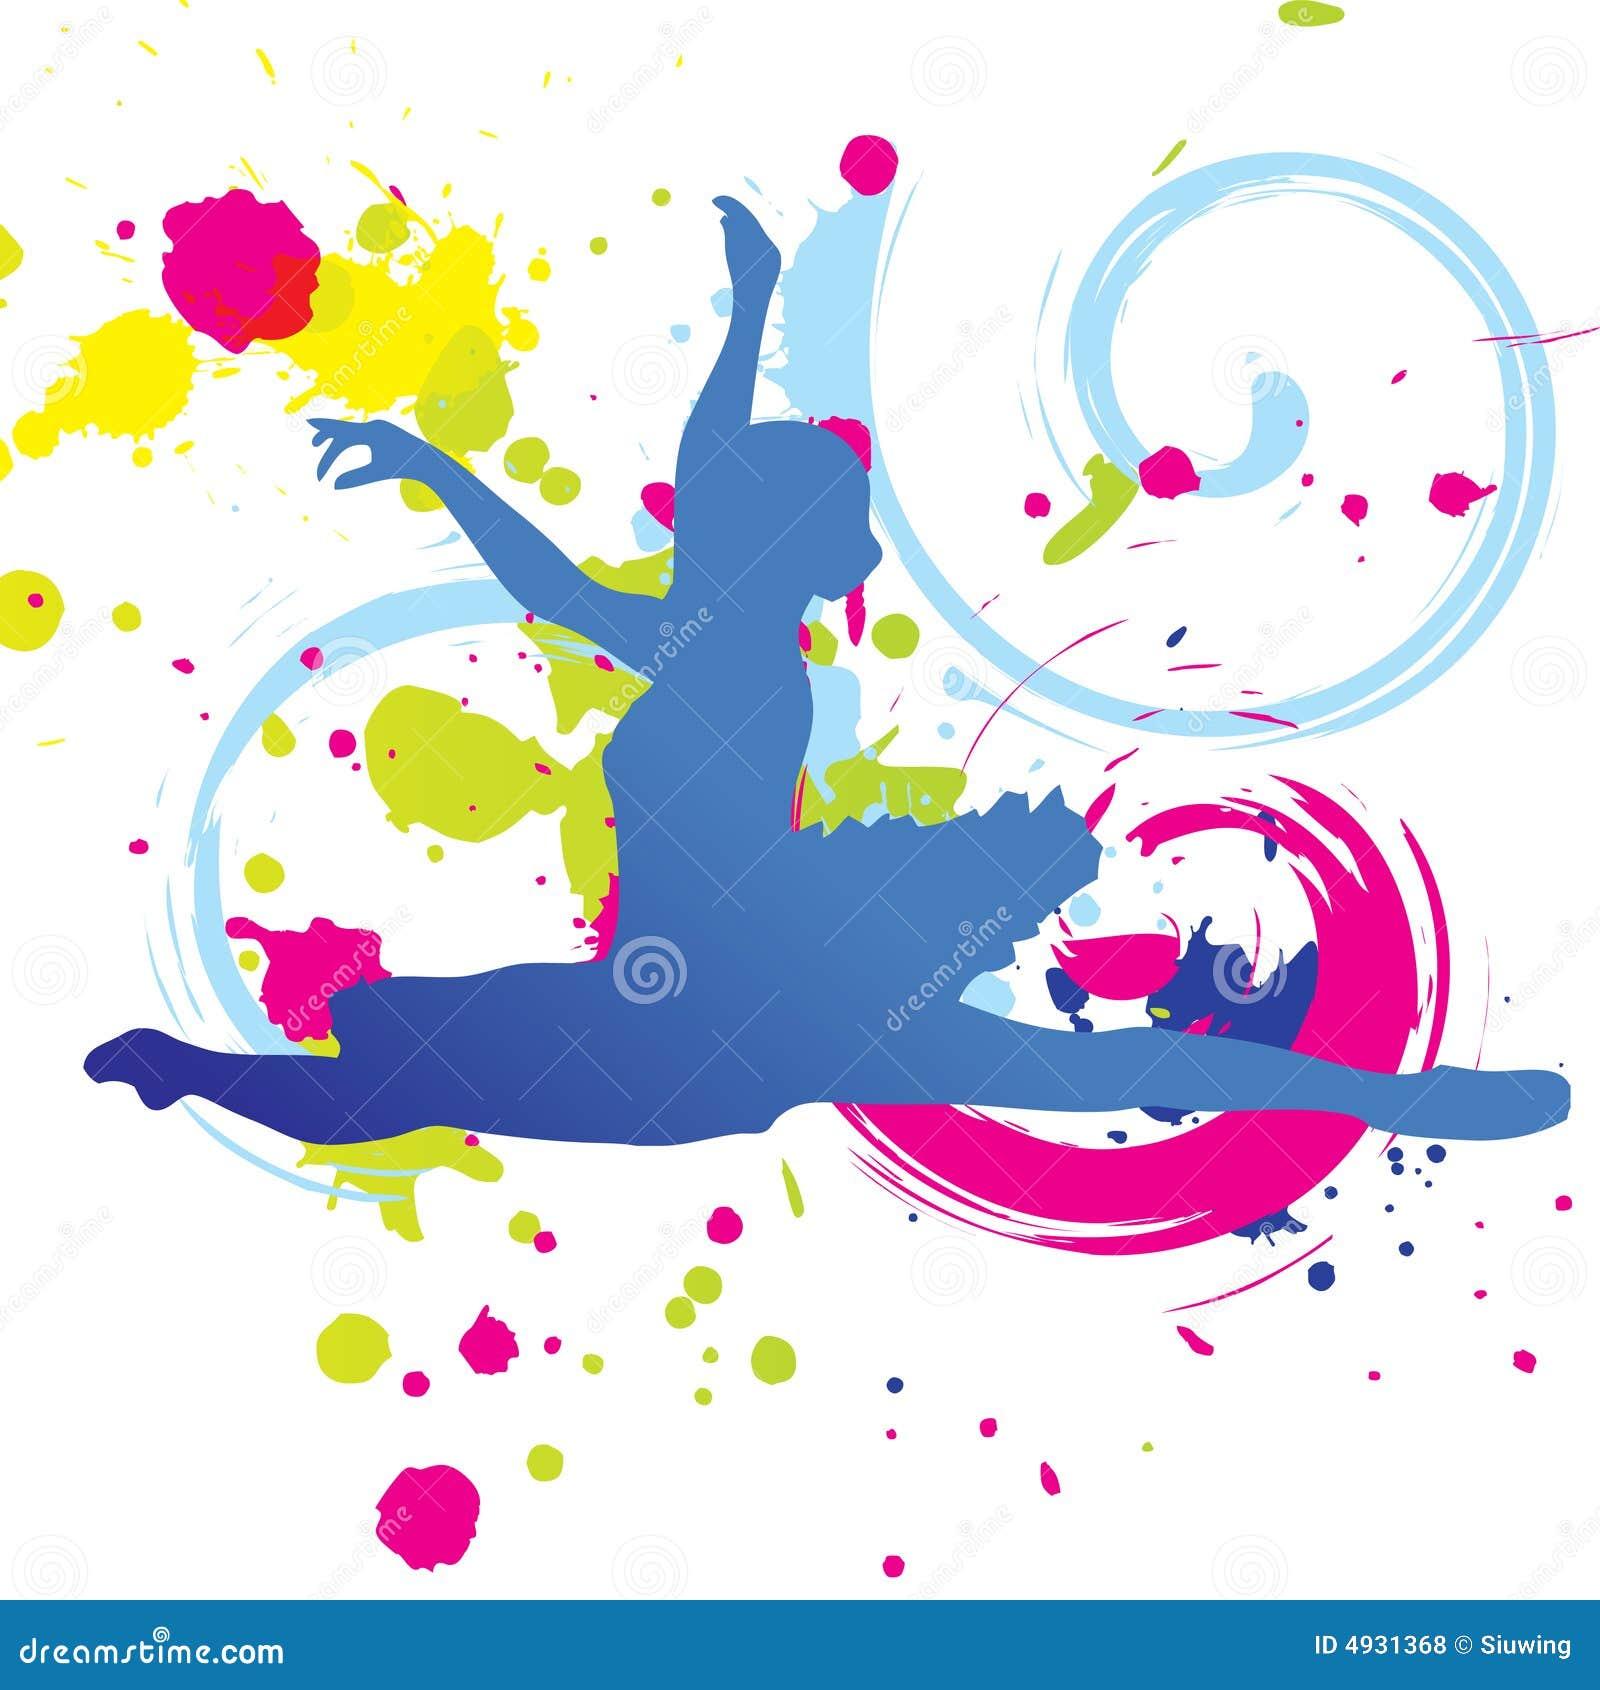 Dessin color de danse photos libres de droits image - Dessin colore ...